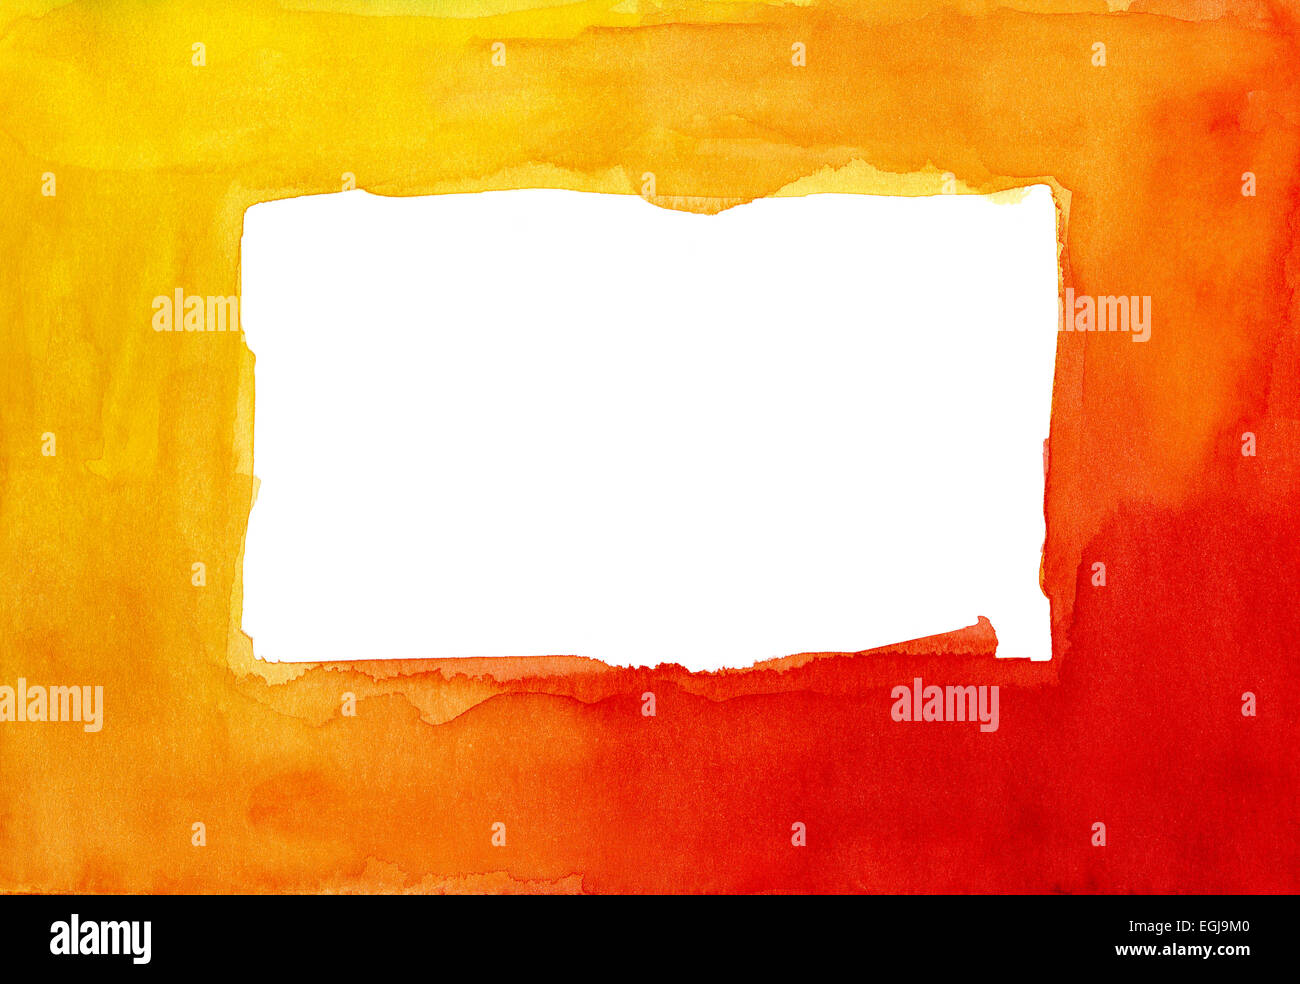 Rosso e giallo telaio ad acquerello Immagini Stock